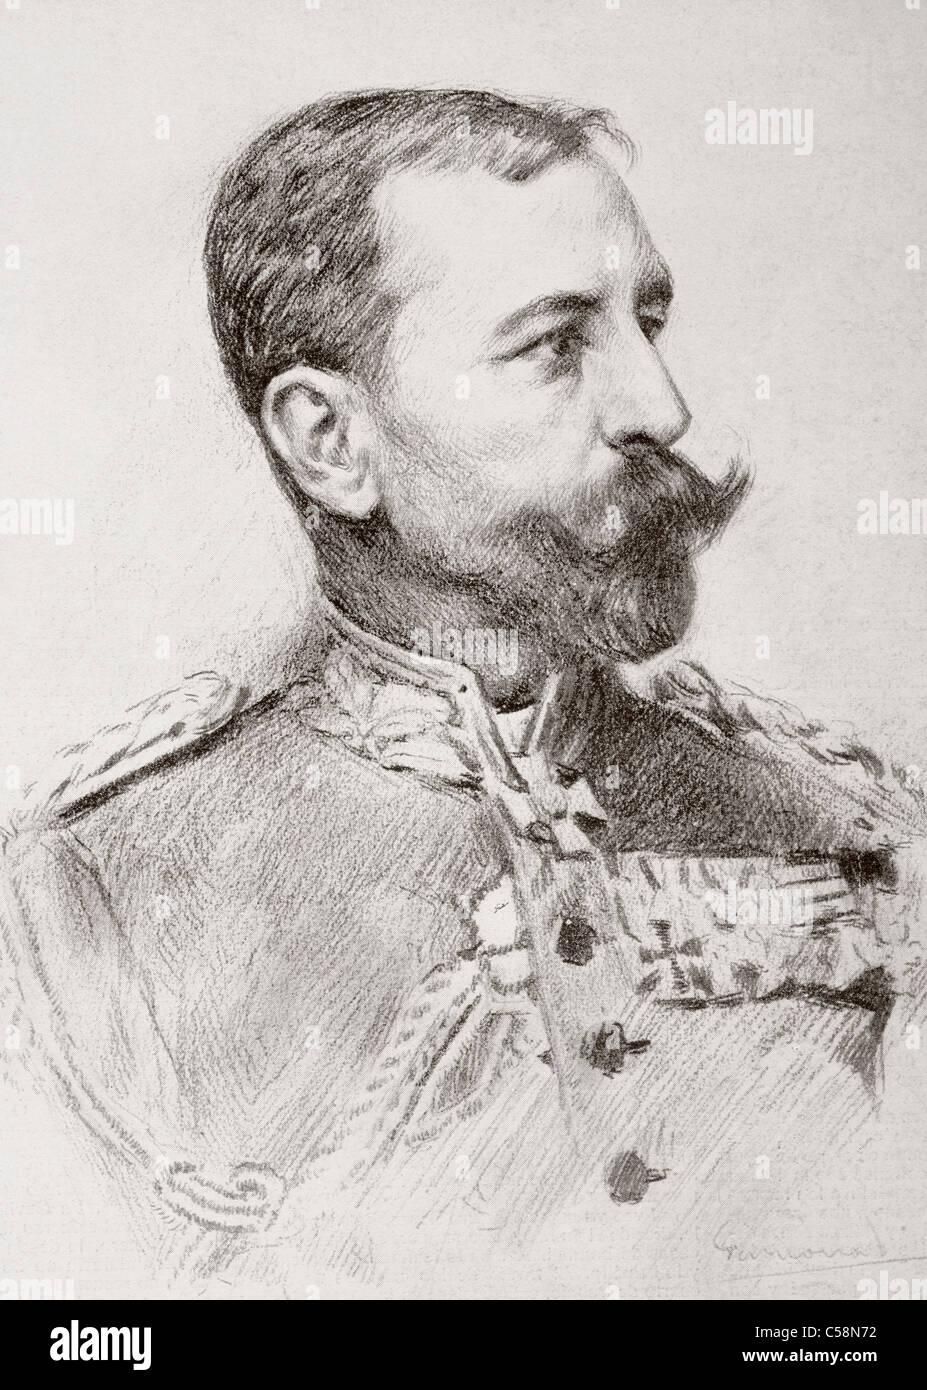 Friedrich Adolf Julius von Bernhardi, 1849 – 1930. Prussian general and military historian. Stock Photo